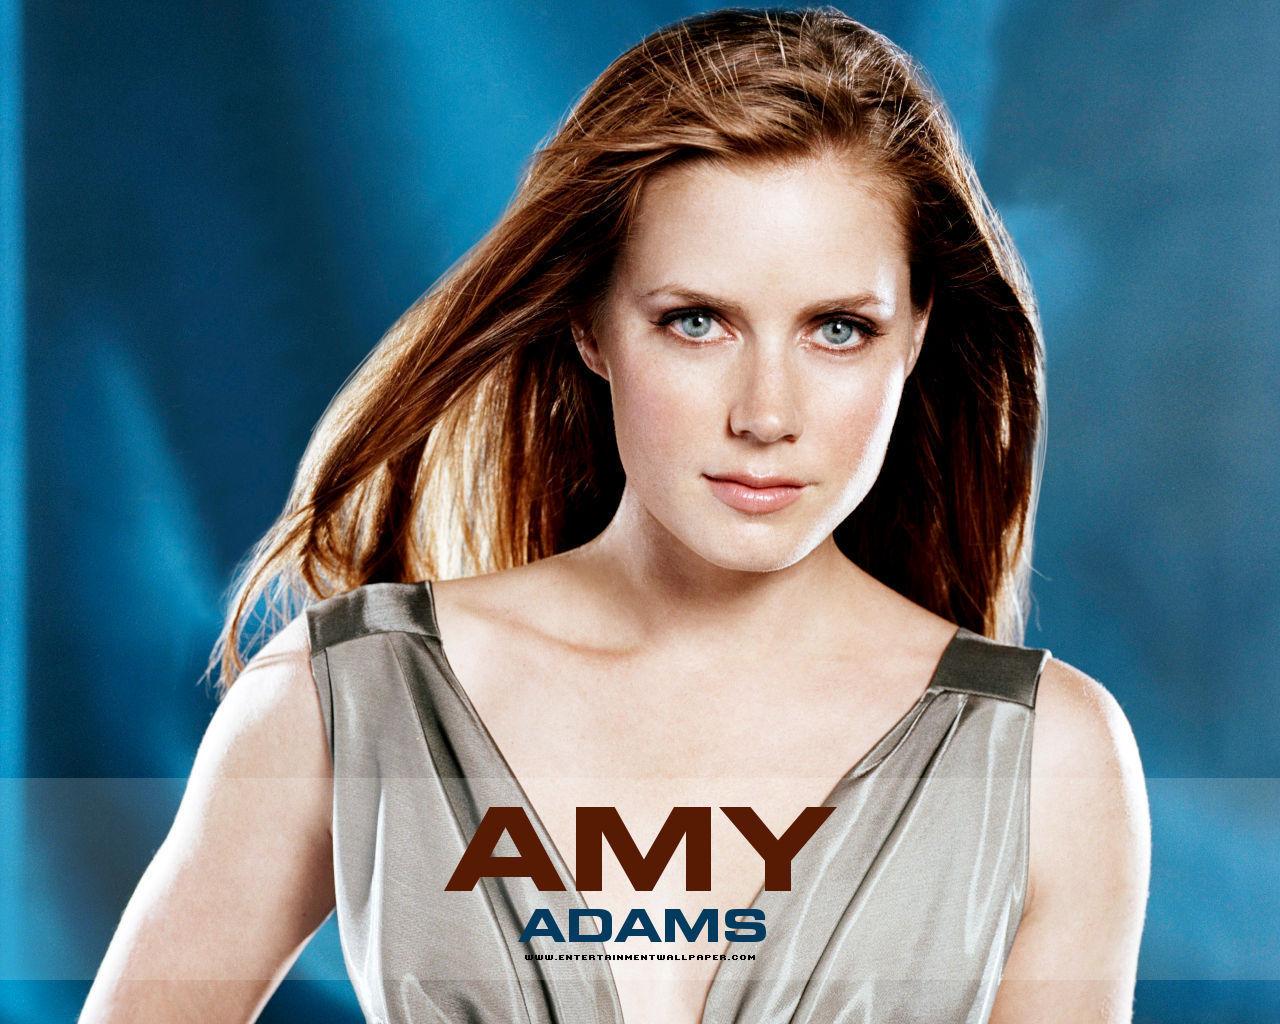 Amy Adams - Amy Adams ...